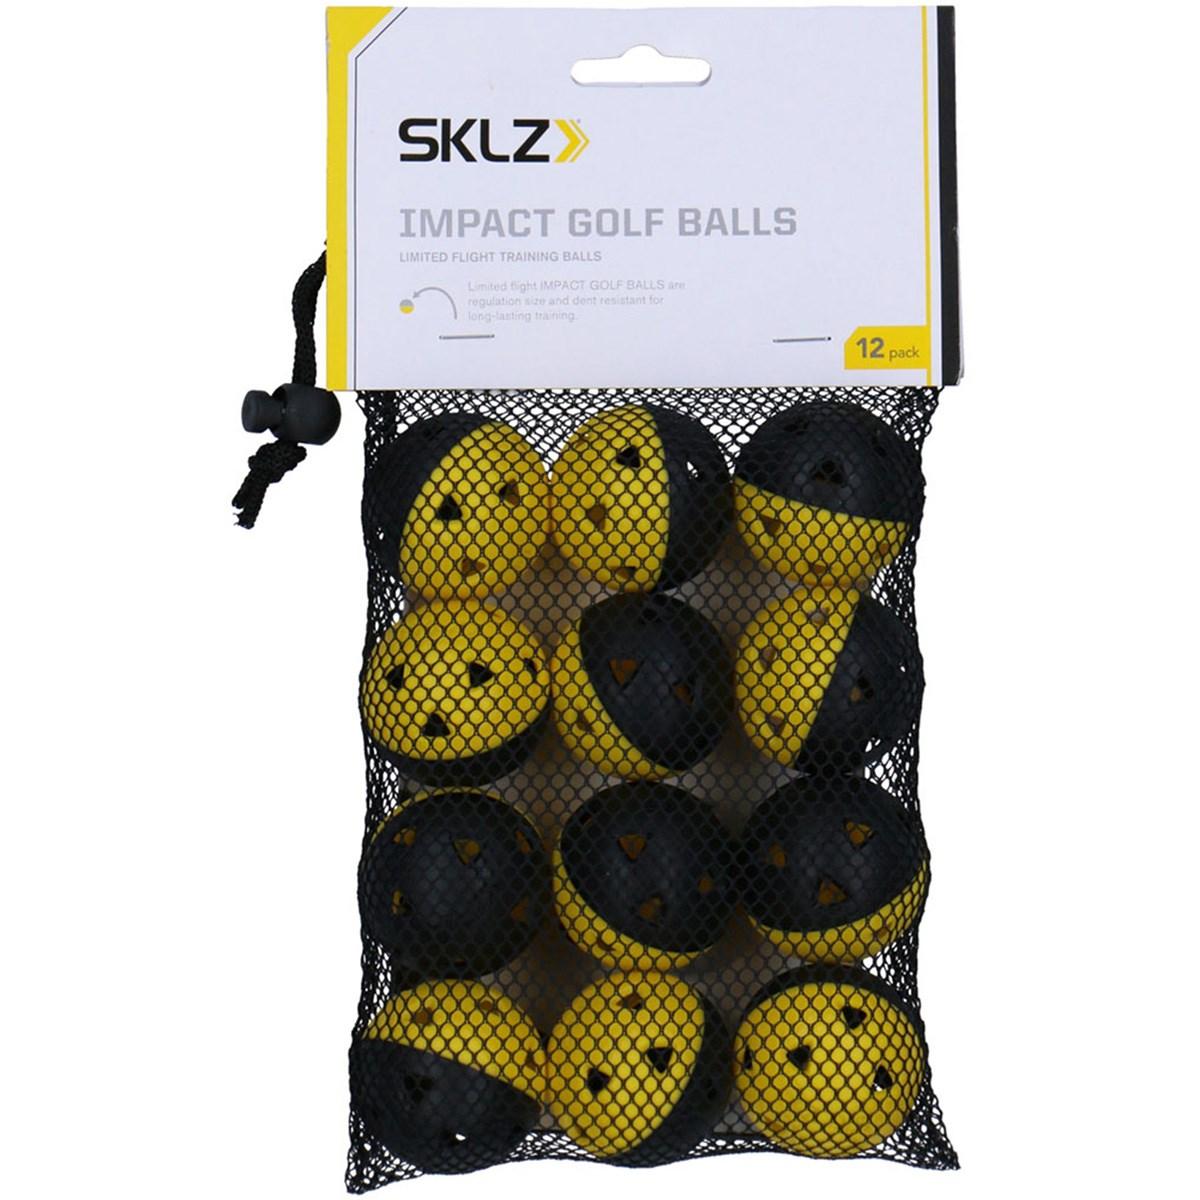 スキルズ SKLZ 練習用インパクトゴルフボール 12個入り 直径4.5cm(1個) イエロー